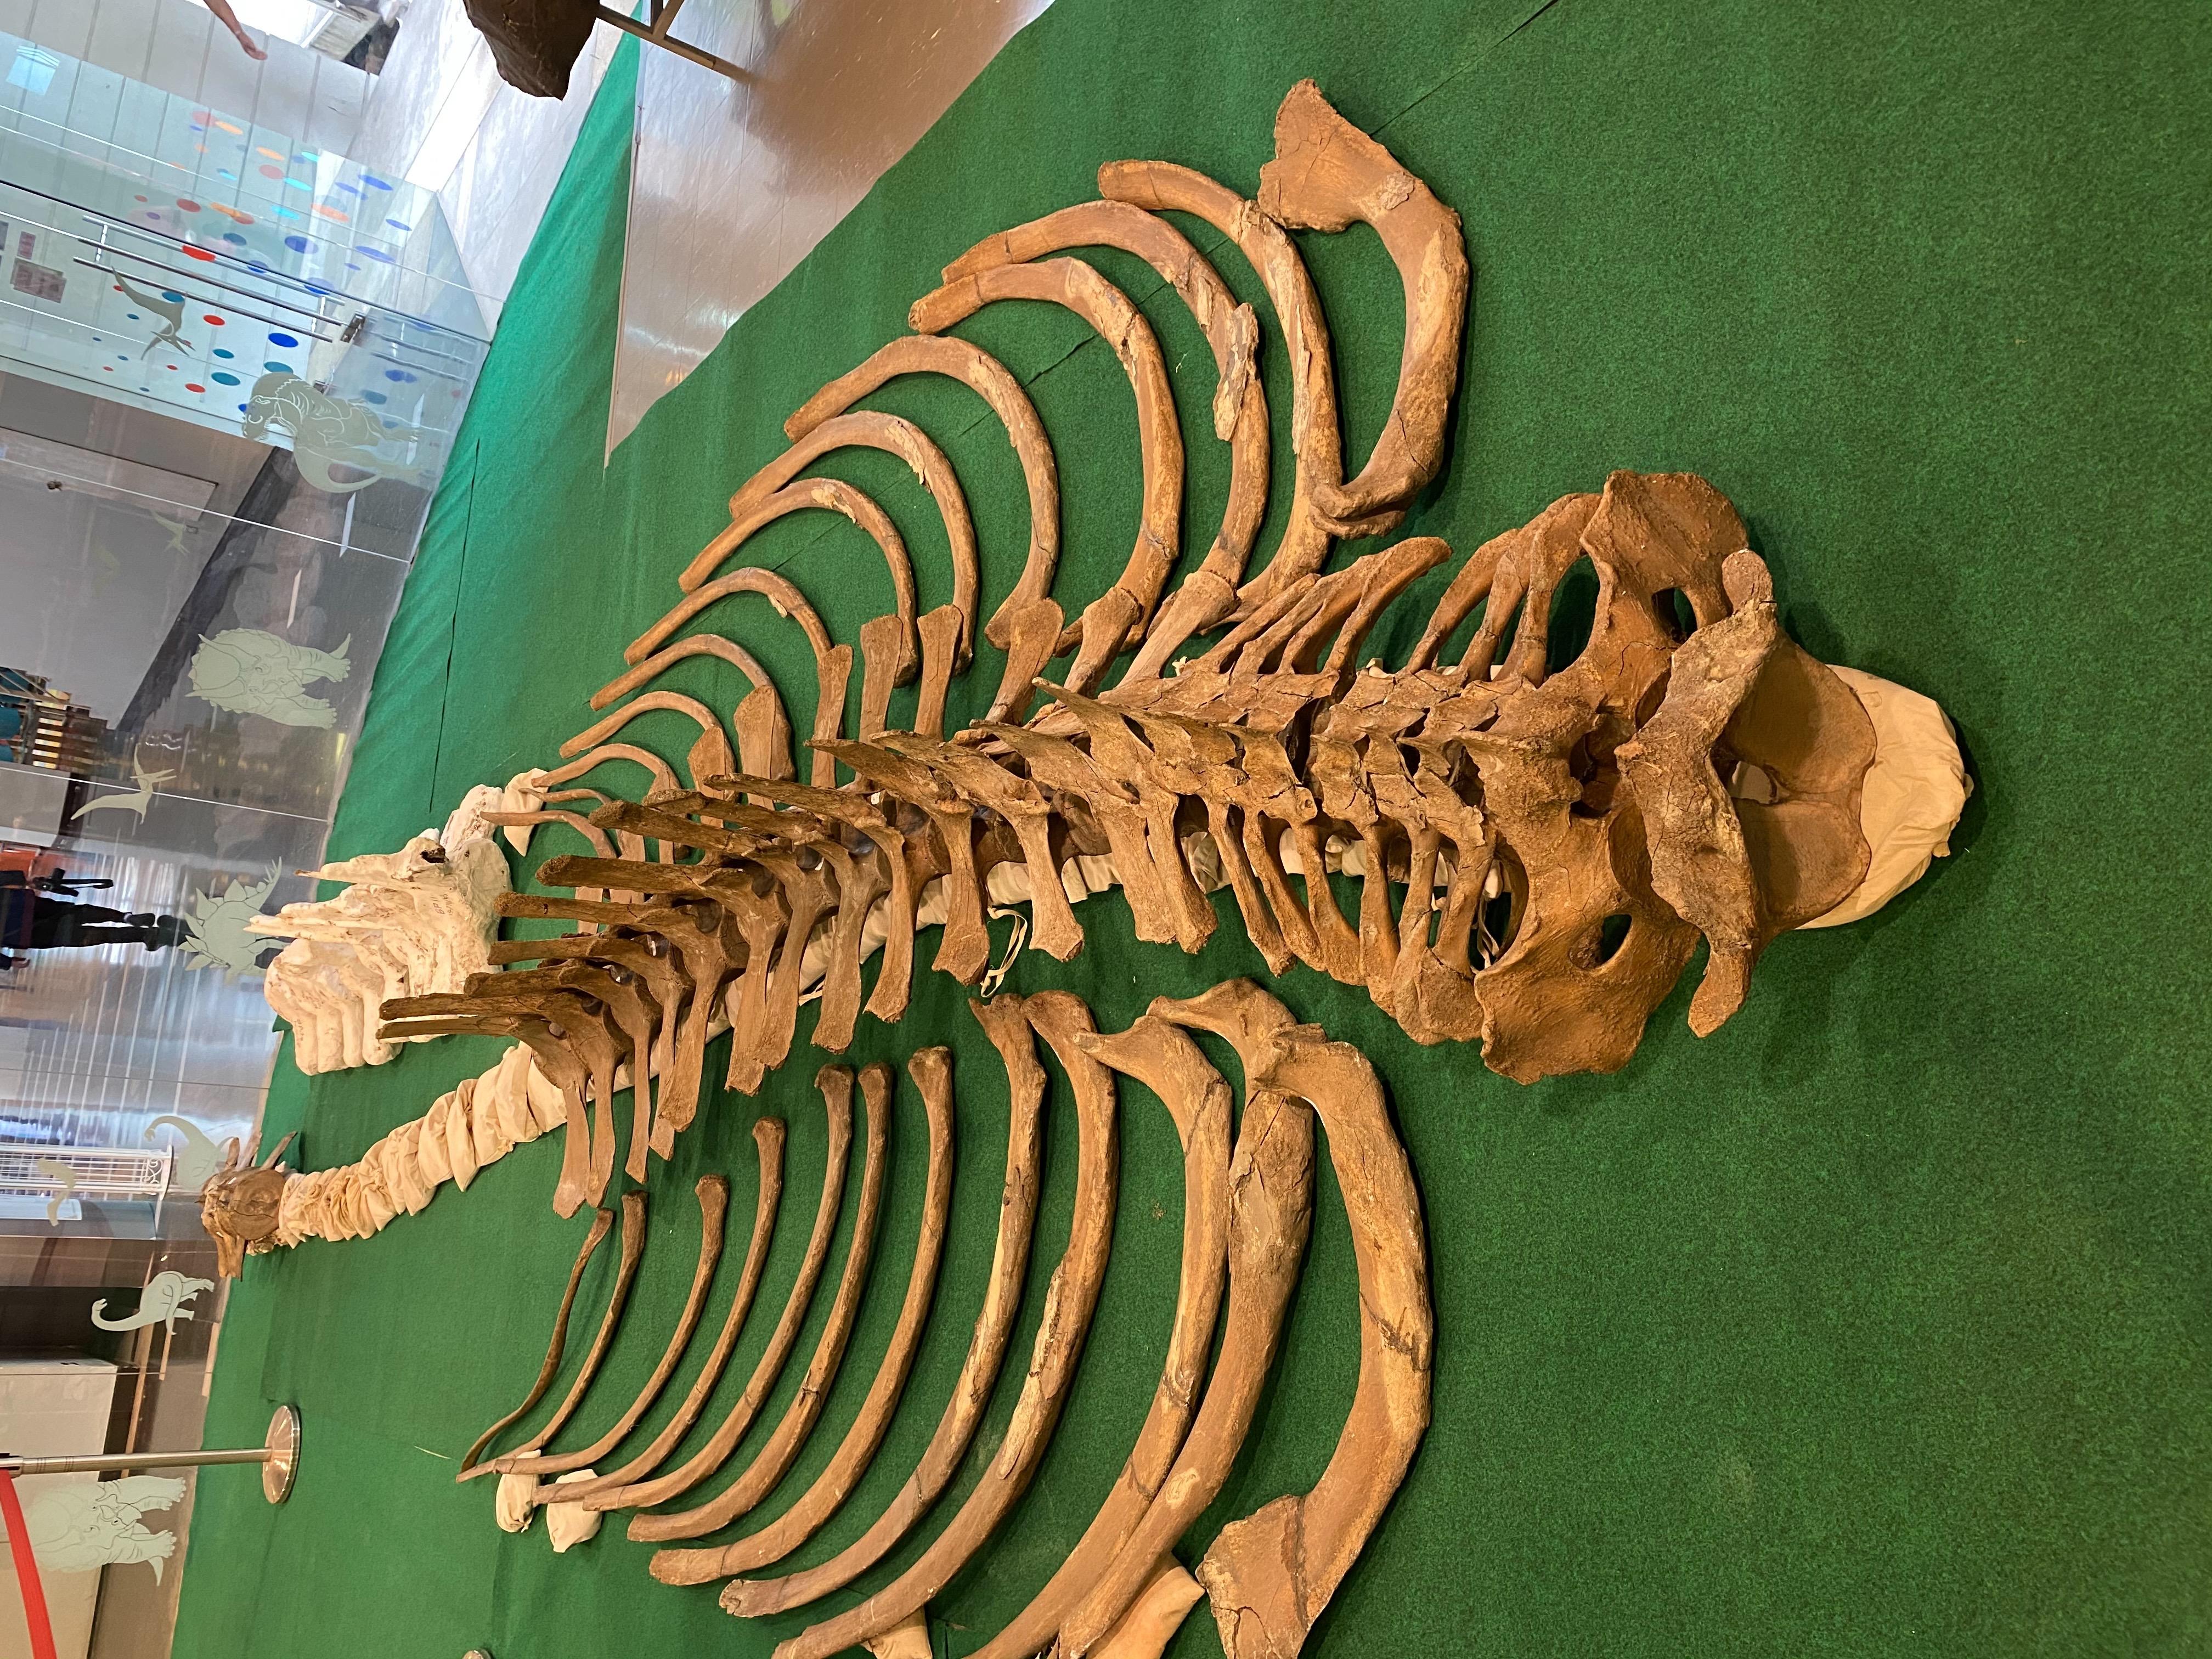 งานแถลงข่าวการอนุรักษ์และการวิจัยหาสายพันธุ์ของวาฬอำแพง